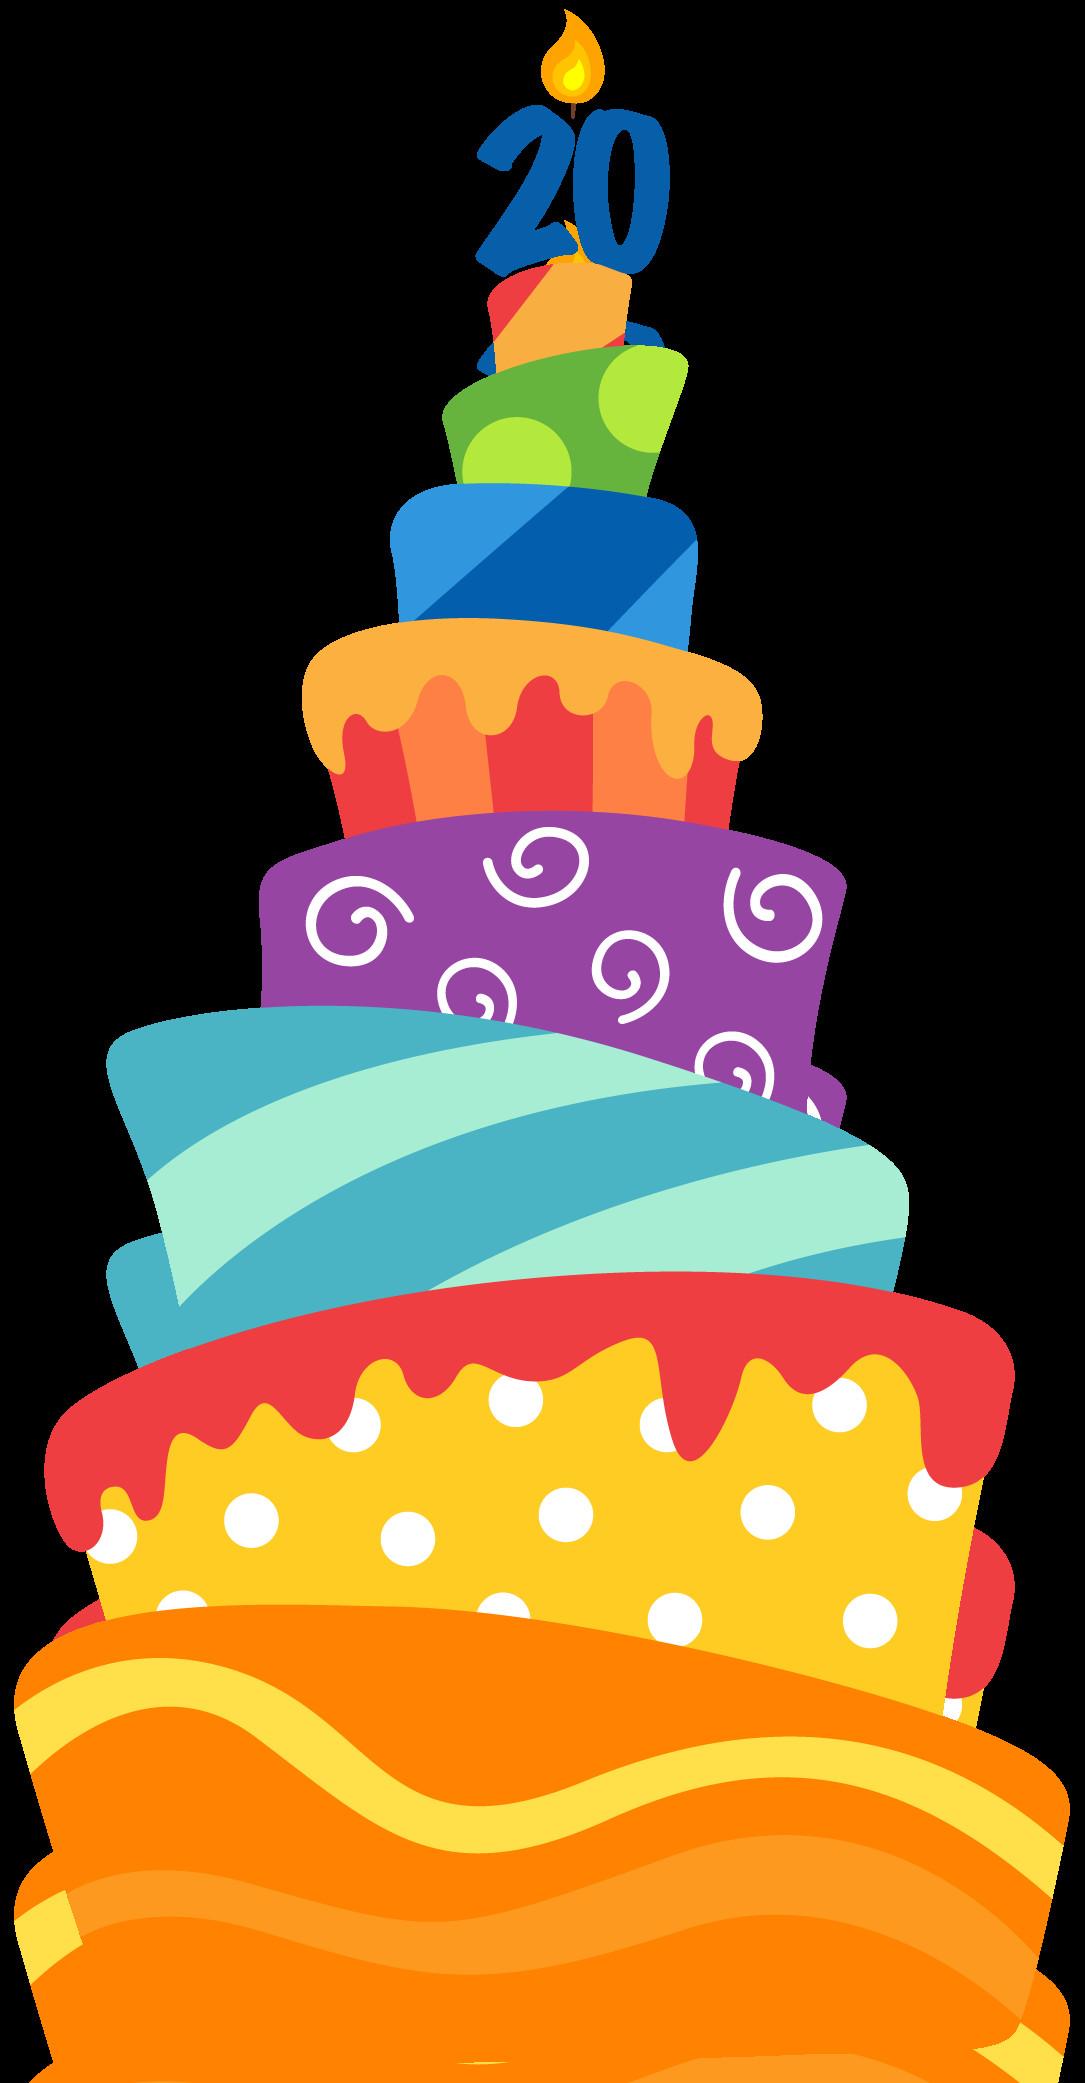 20 Birthday Cake  20th Birthday Celebration